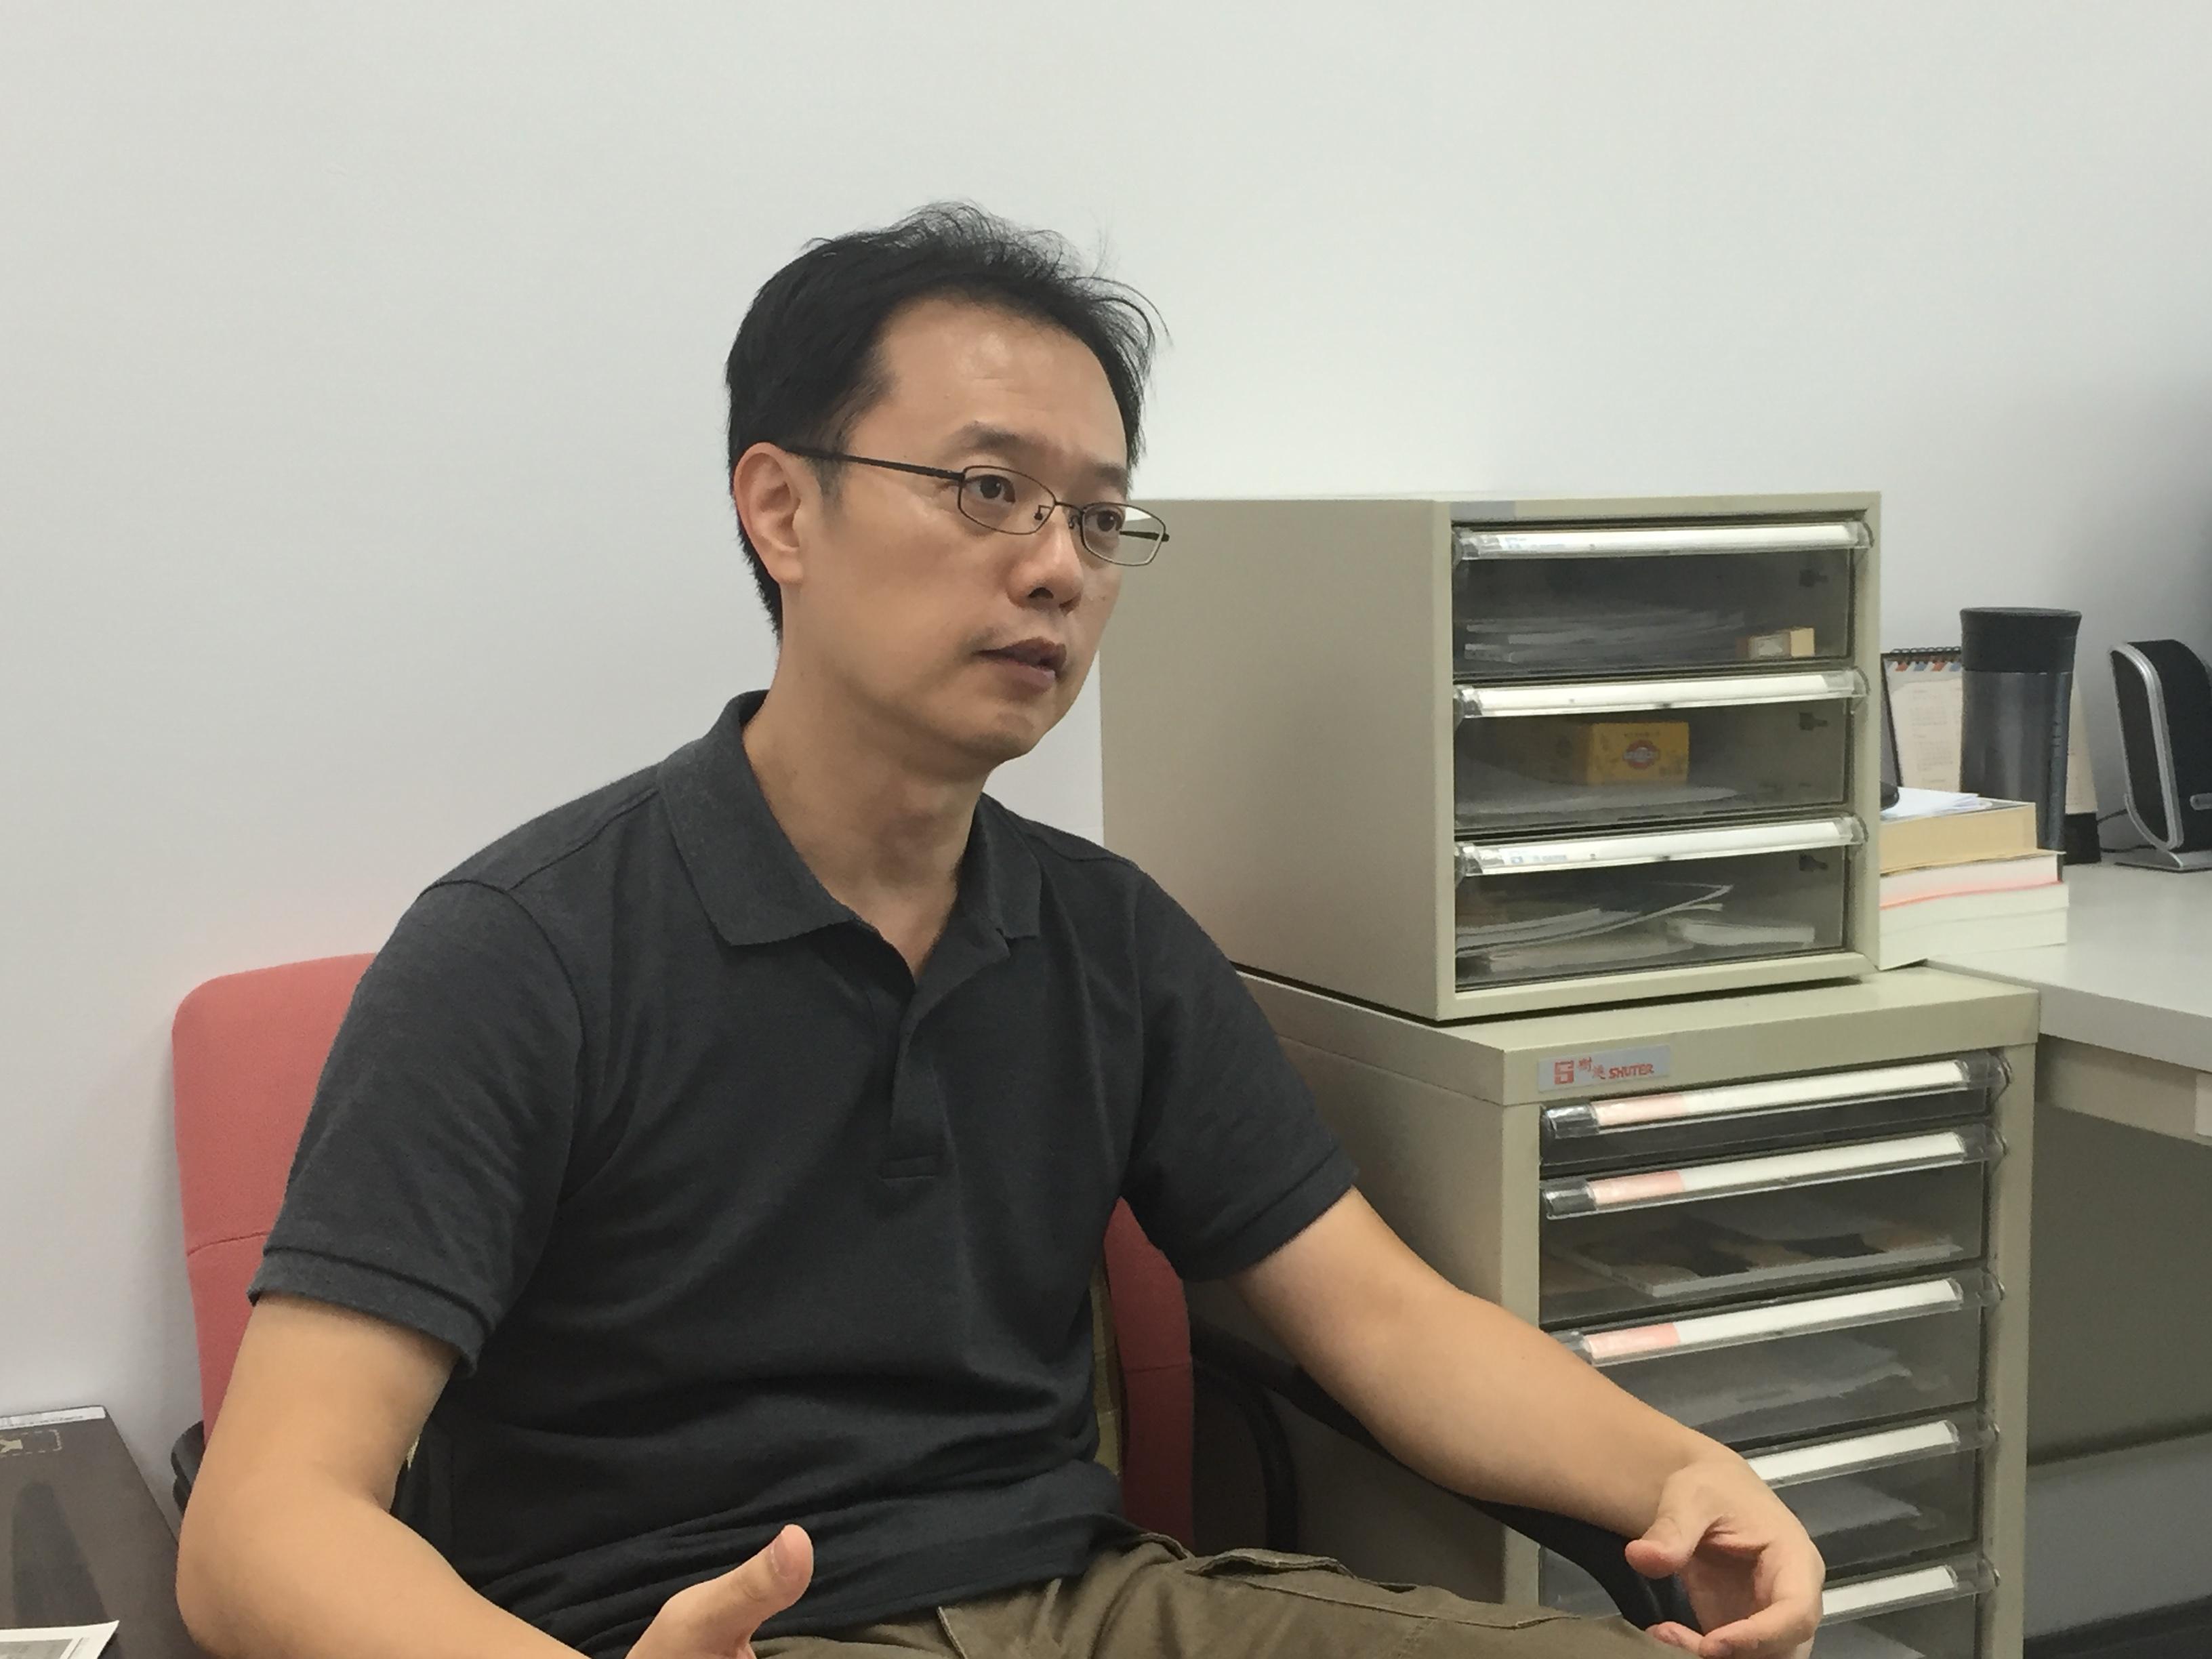 東吳大學英文學系歐冠宇老師對智能翻譯系統發表看法。攝影/陳冠宏